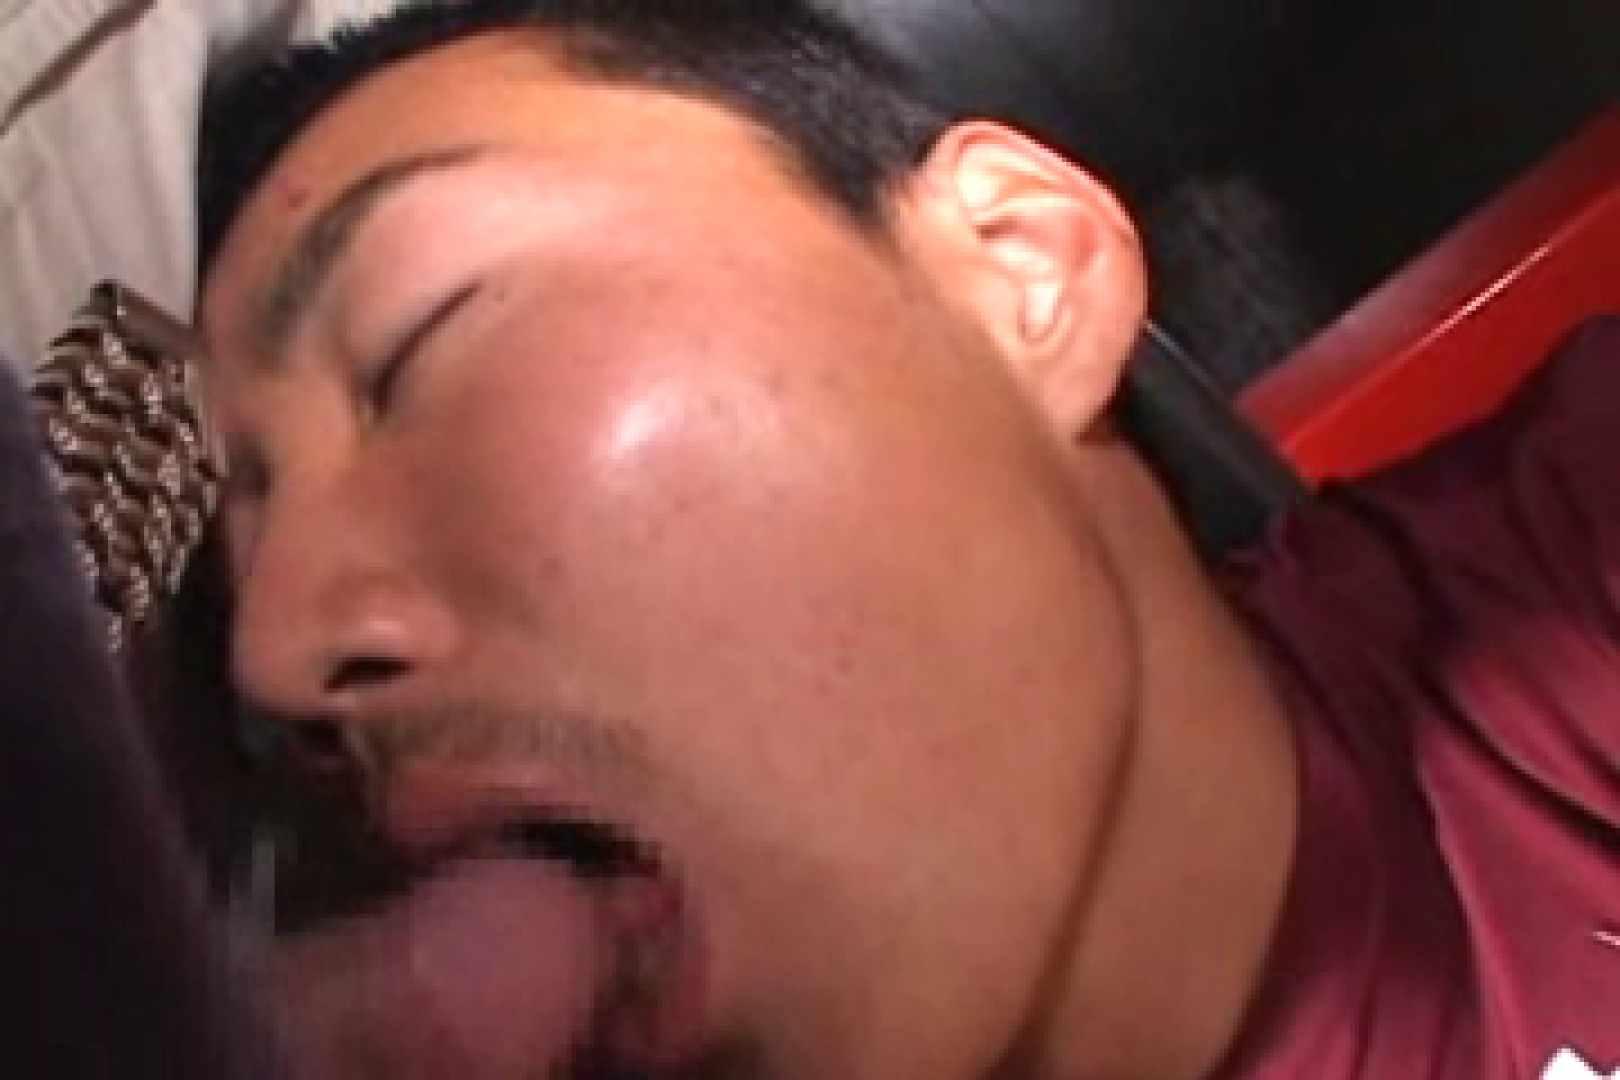 ケツまんフィットネスGYM!!vol.01 アナル責め | ディープキス ゲイ発射もろ画像 86枚 68